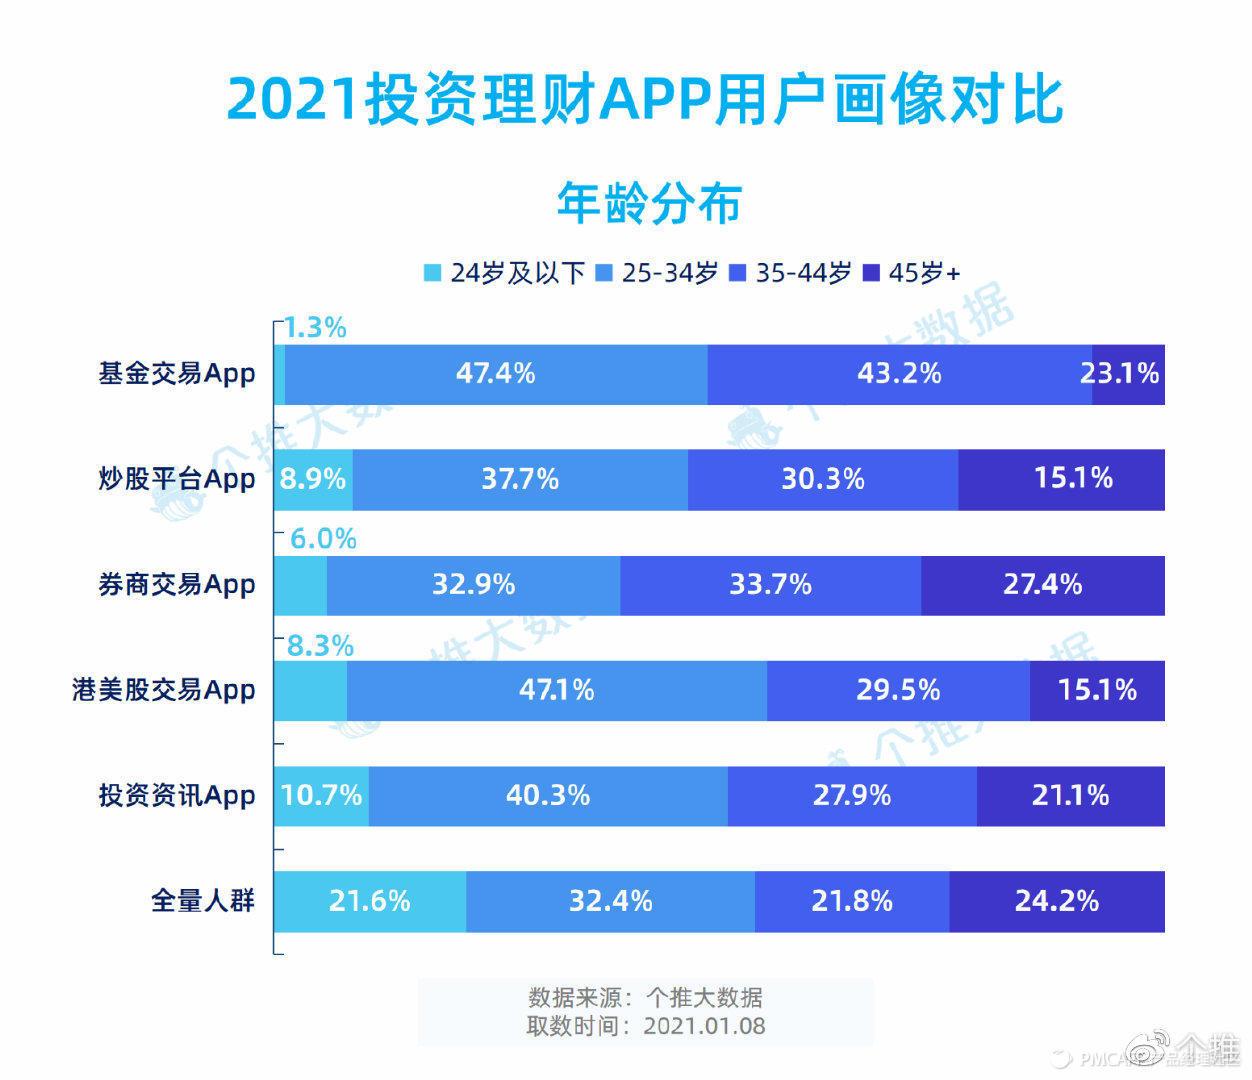 上海证券报&个推大数据解析新年行情:基金类App活跃度提升20%